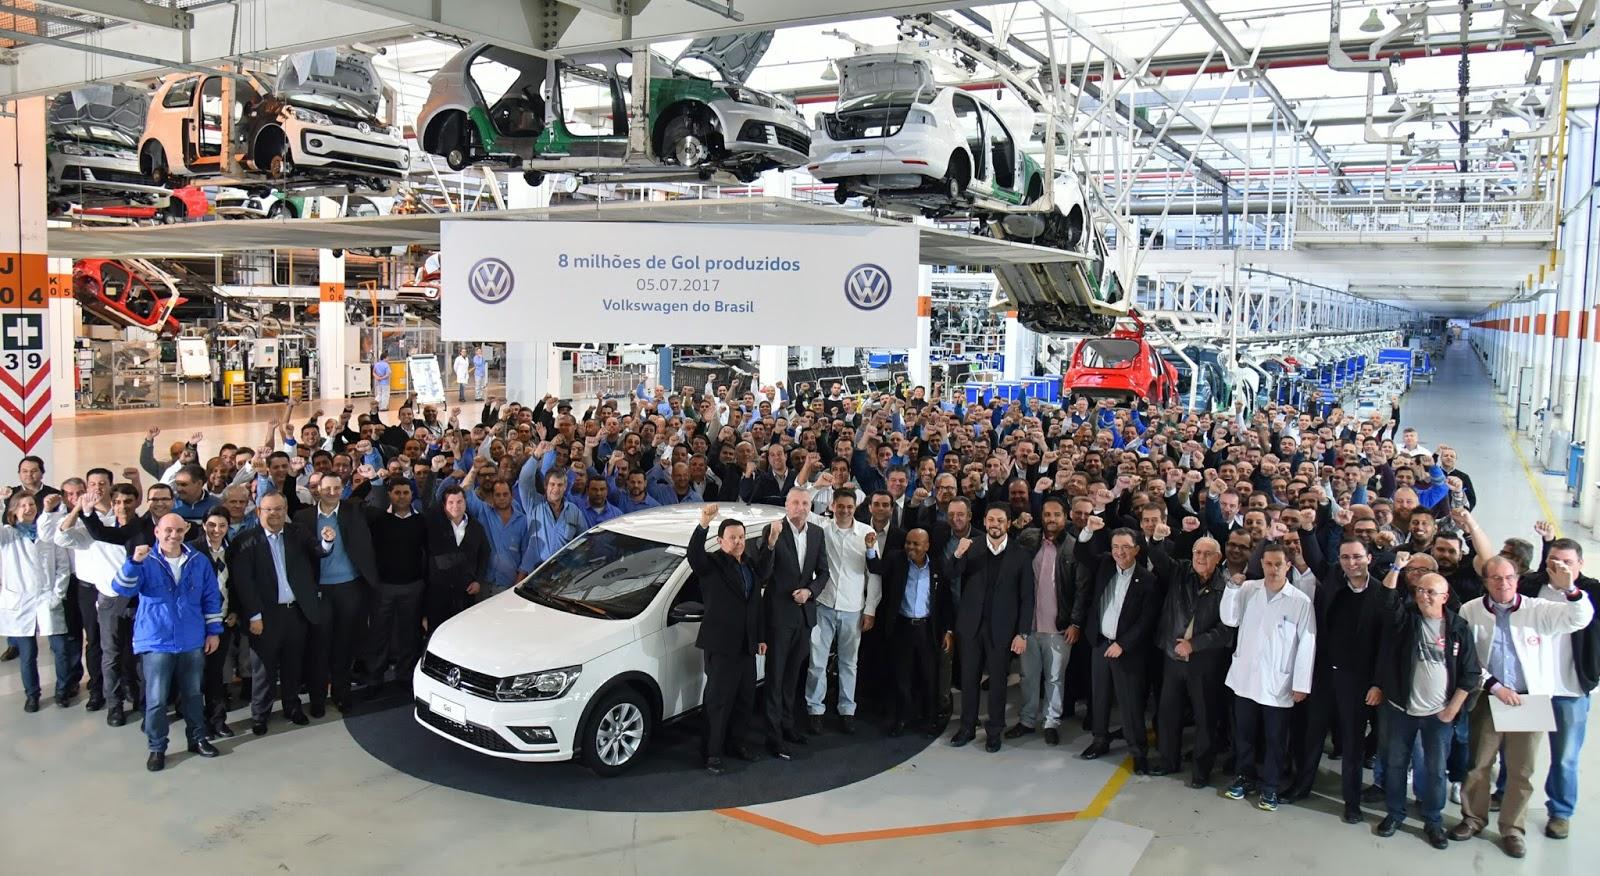 Ícone do Brasil, Volkswagen Gol alcança recorde de 8 milhões de unidades produzidas